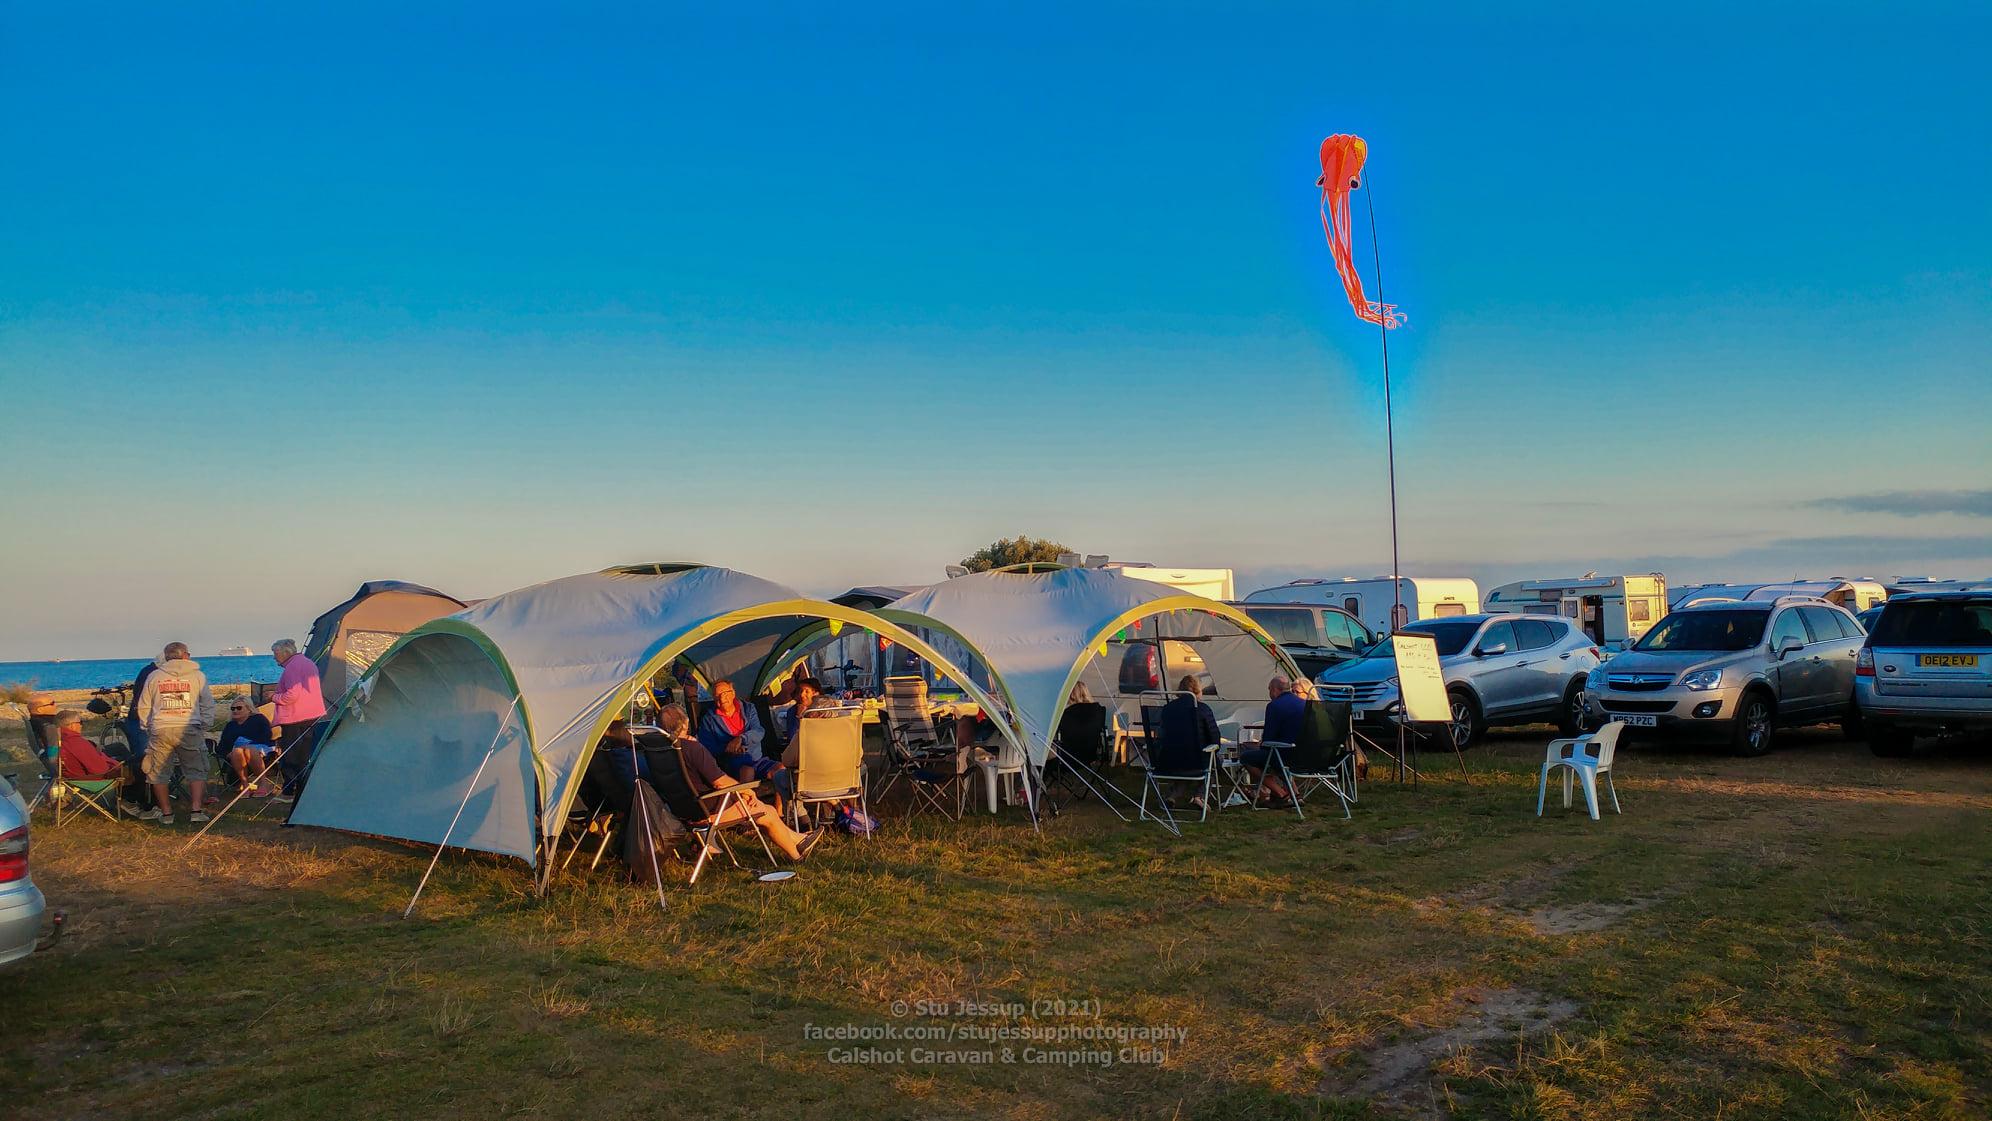 Calshot Caravan & Camping Club